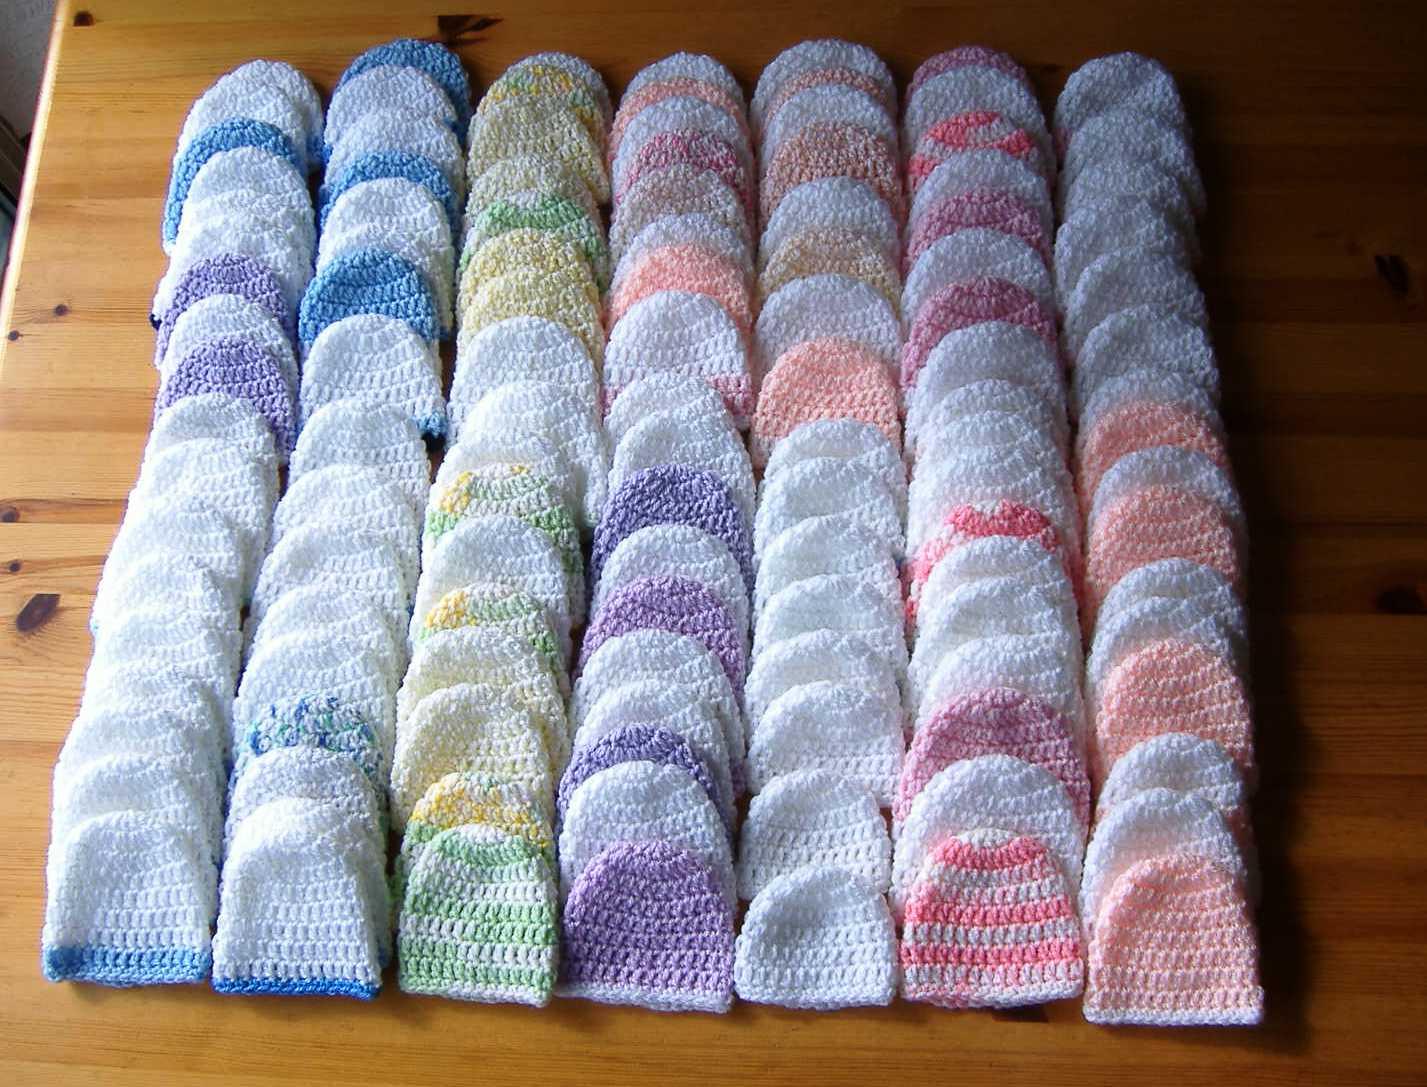 Loving Hands Knitting Patterns : mariannas lazy daisy days: Loving Hands